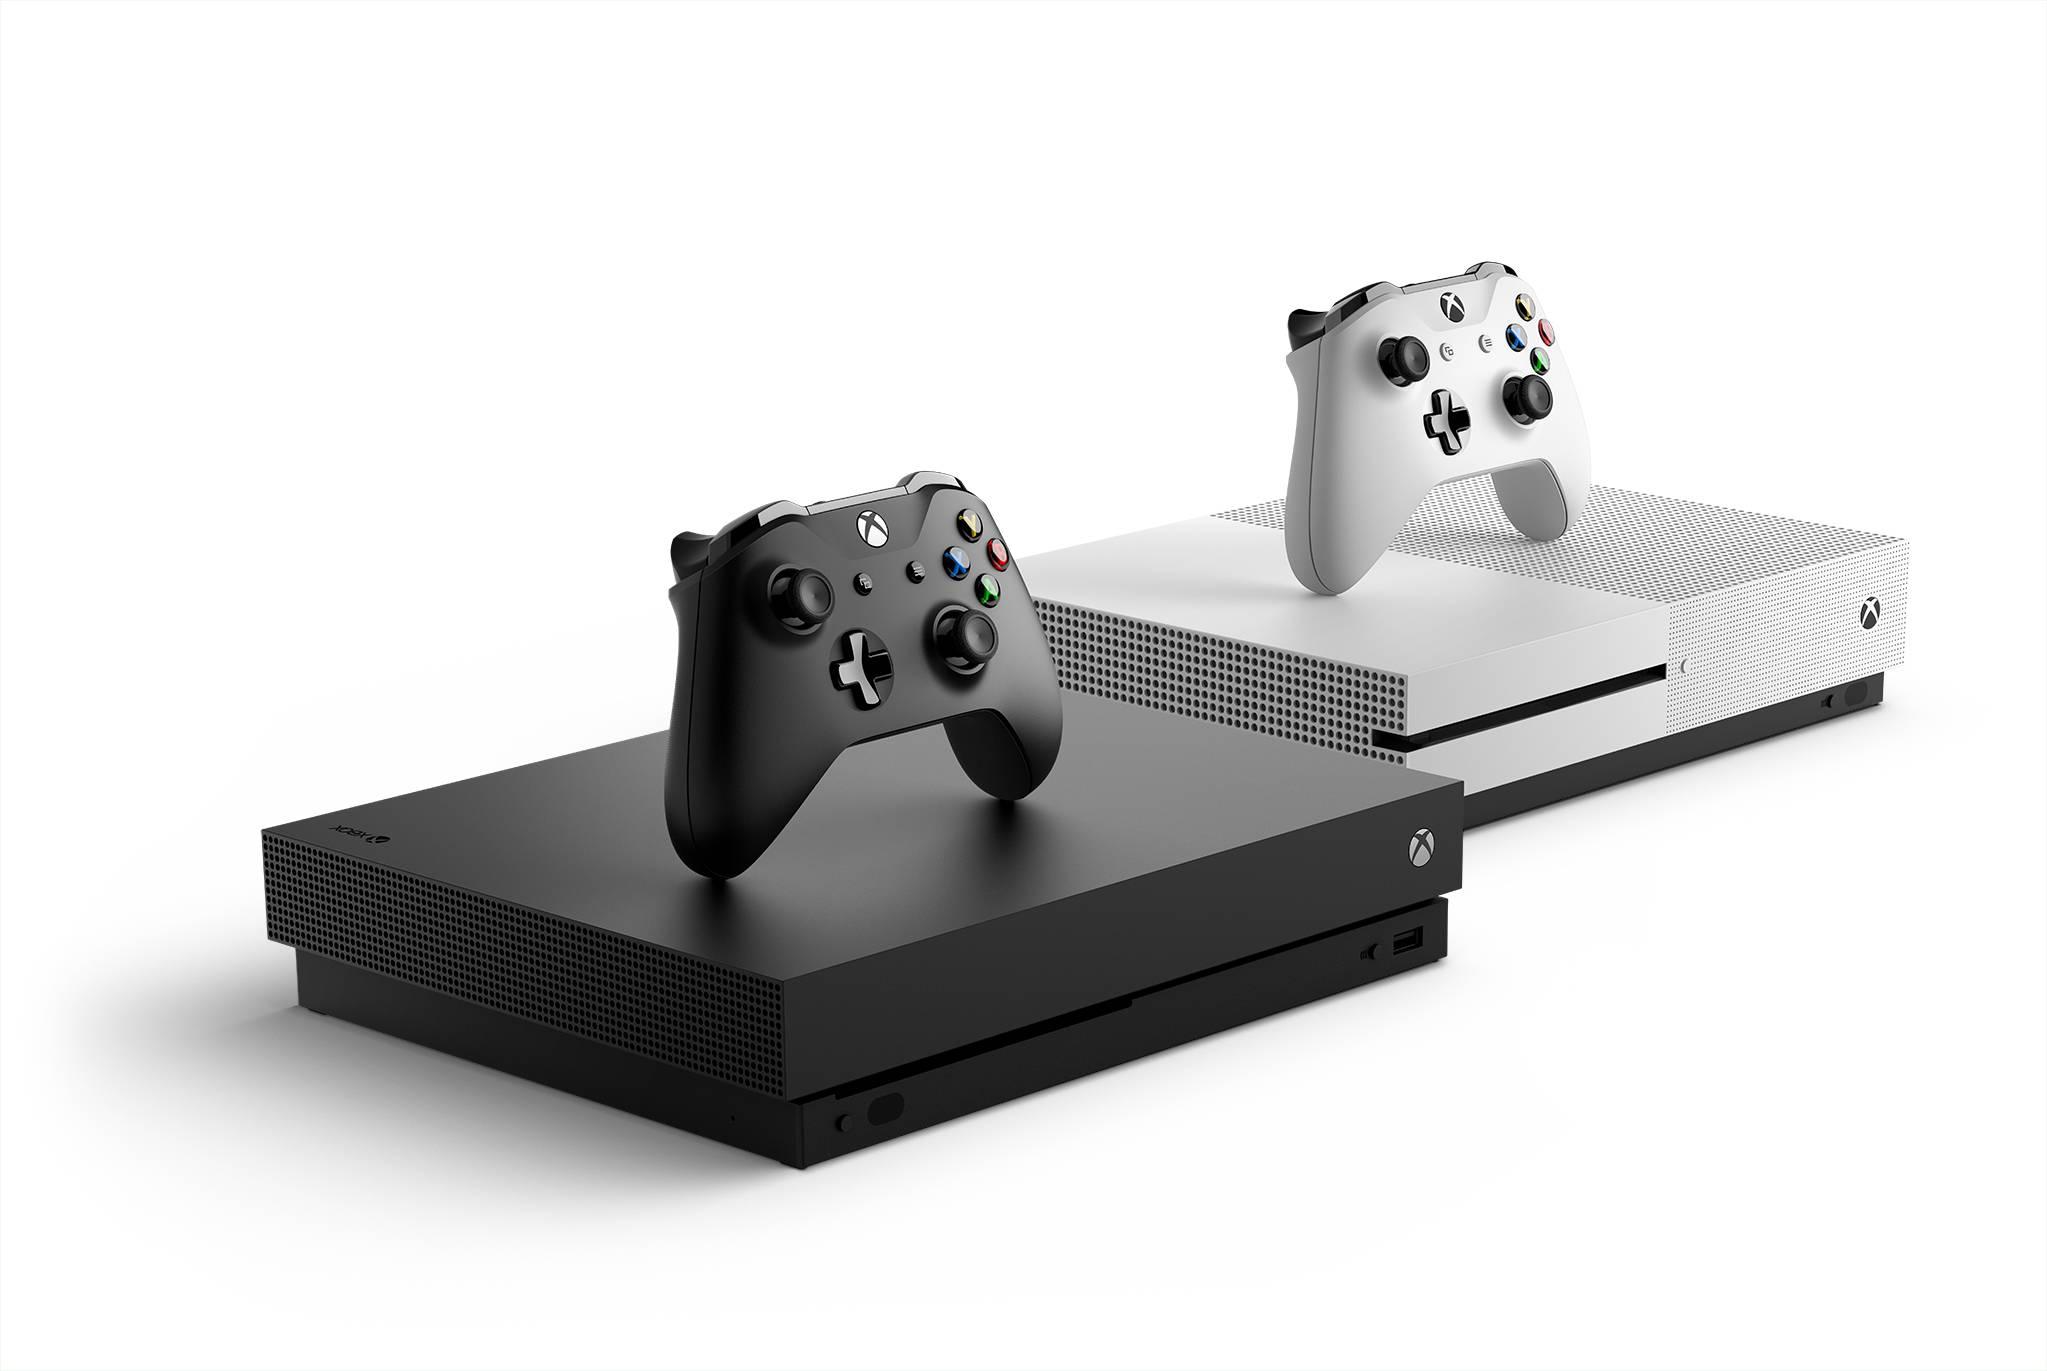 Xbox One X guida la famiglia delle console Microsoft di ultima generazione